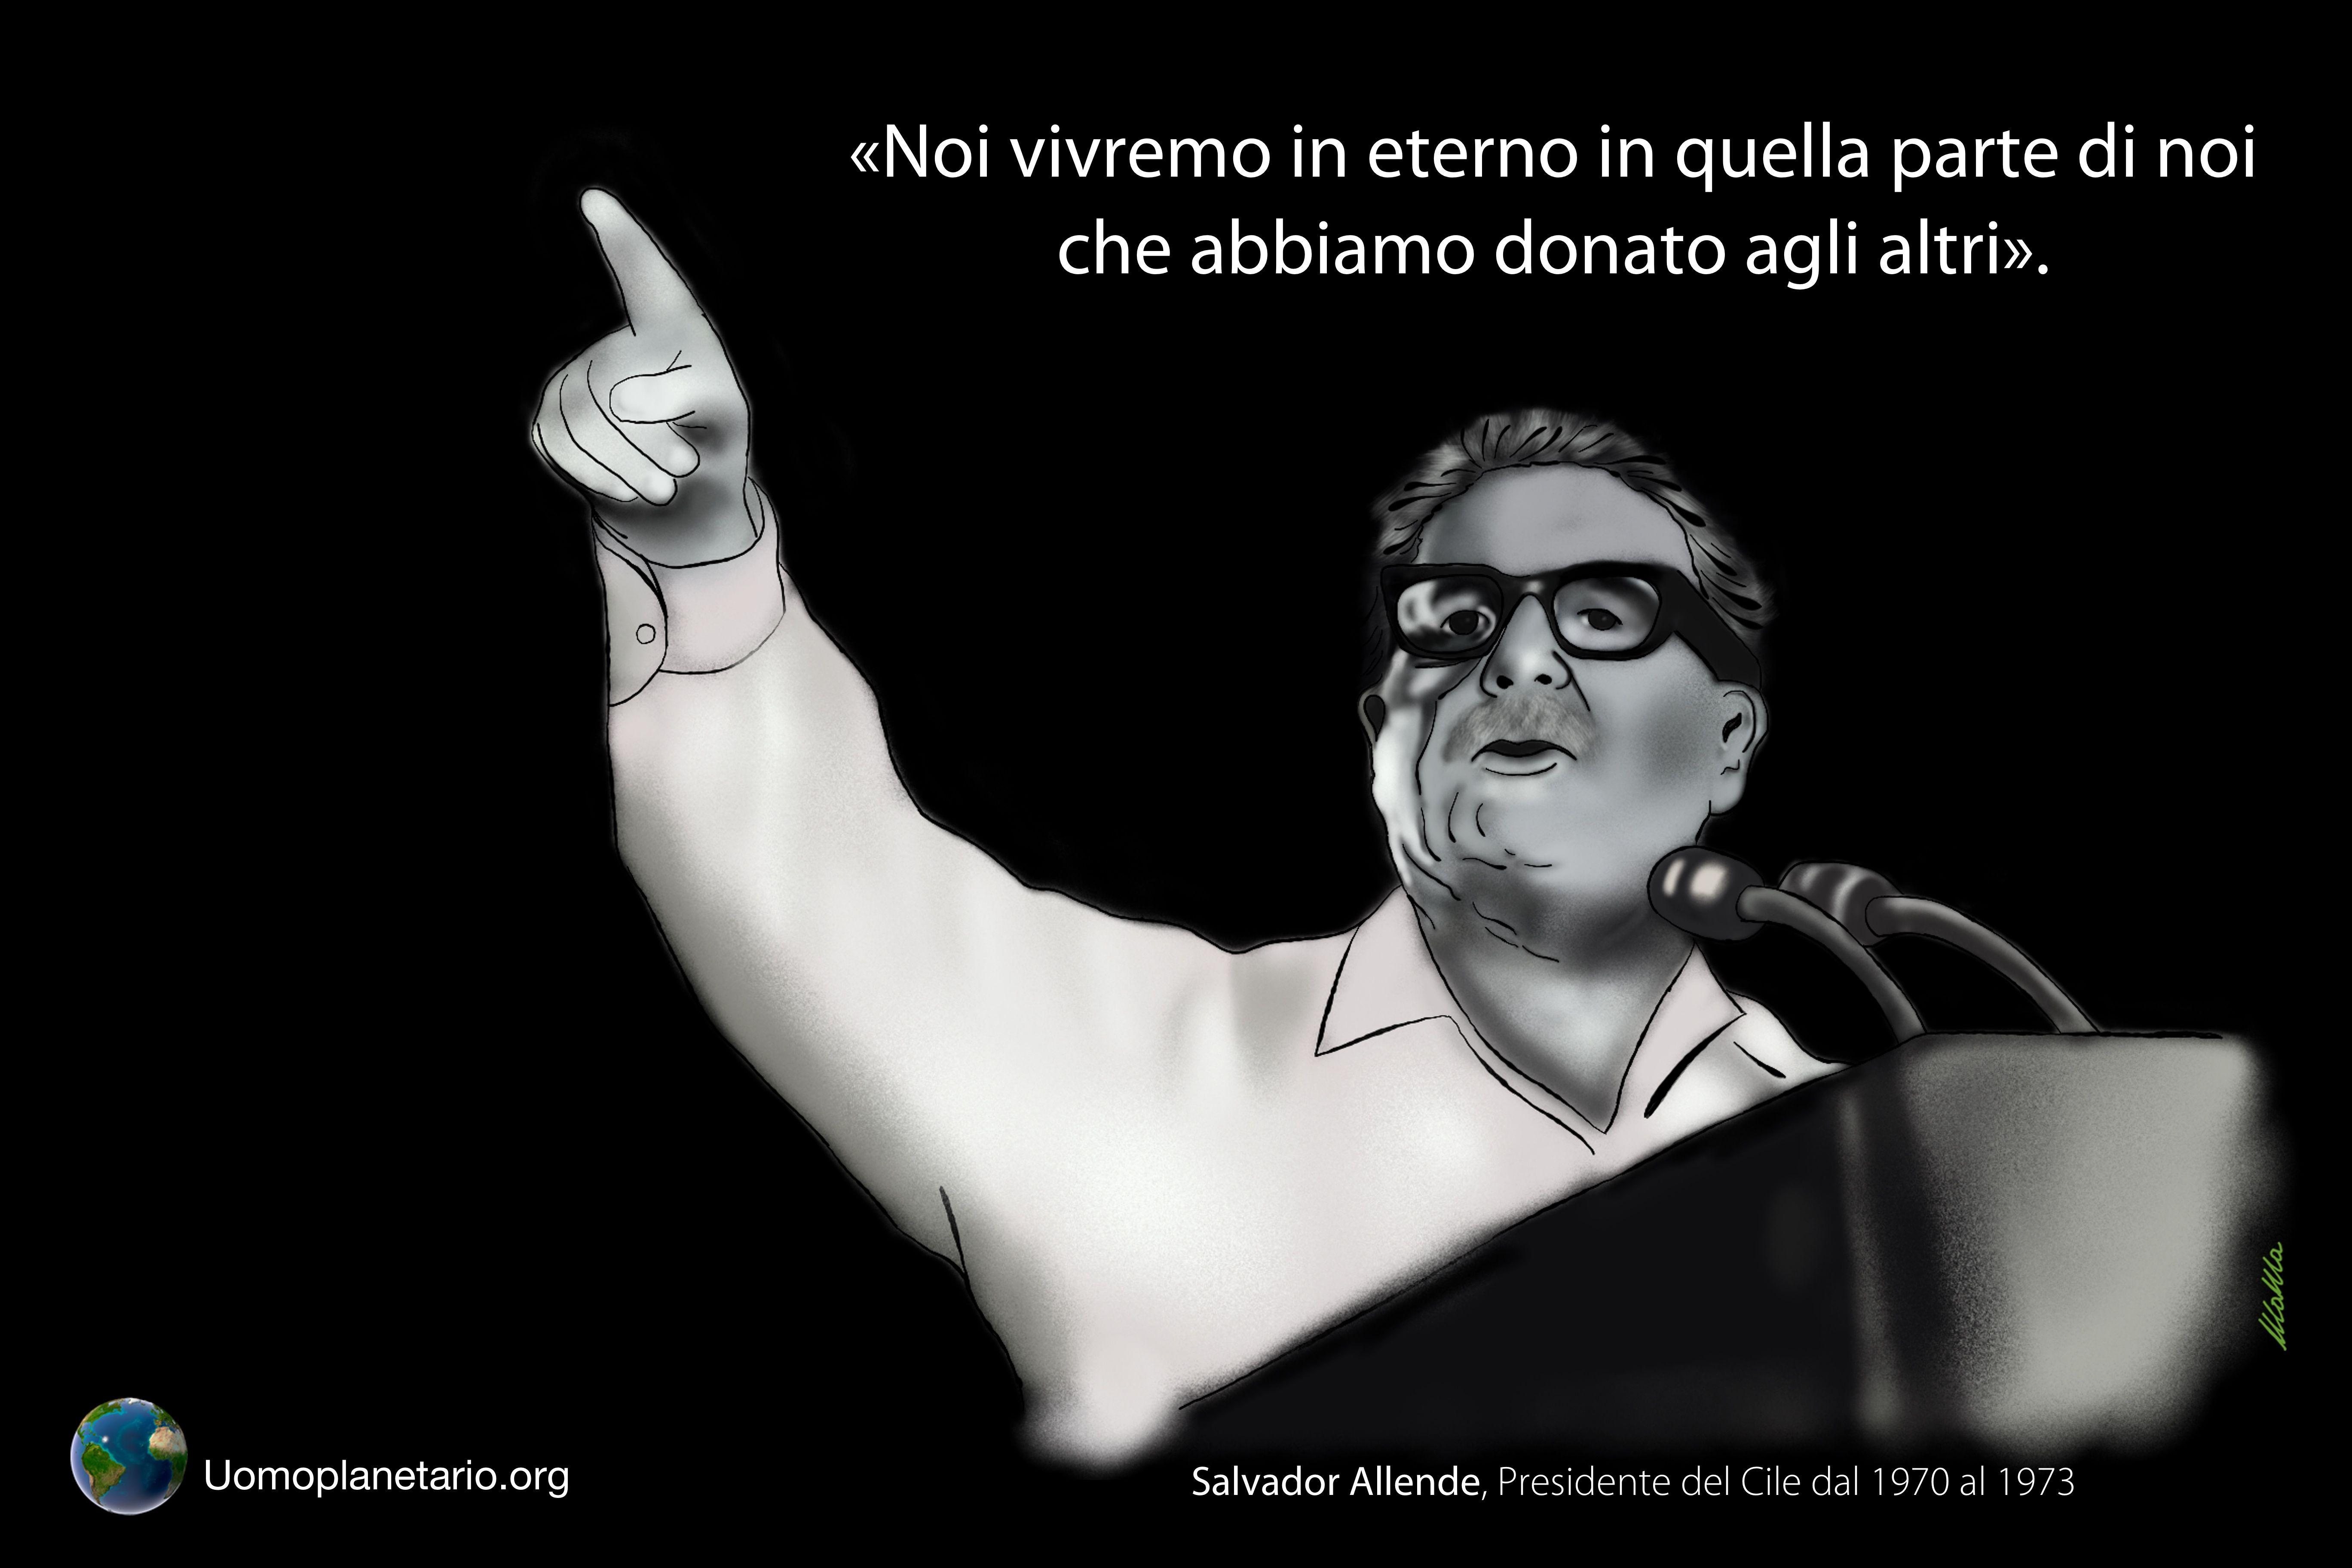 Salvador Allende: Il valore del dono